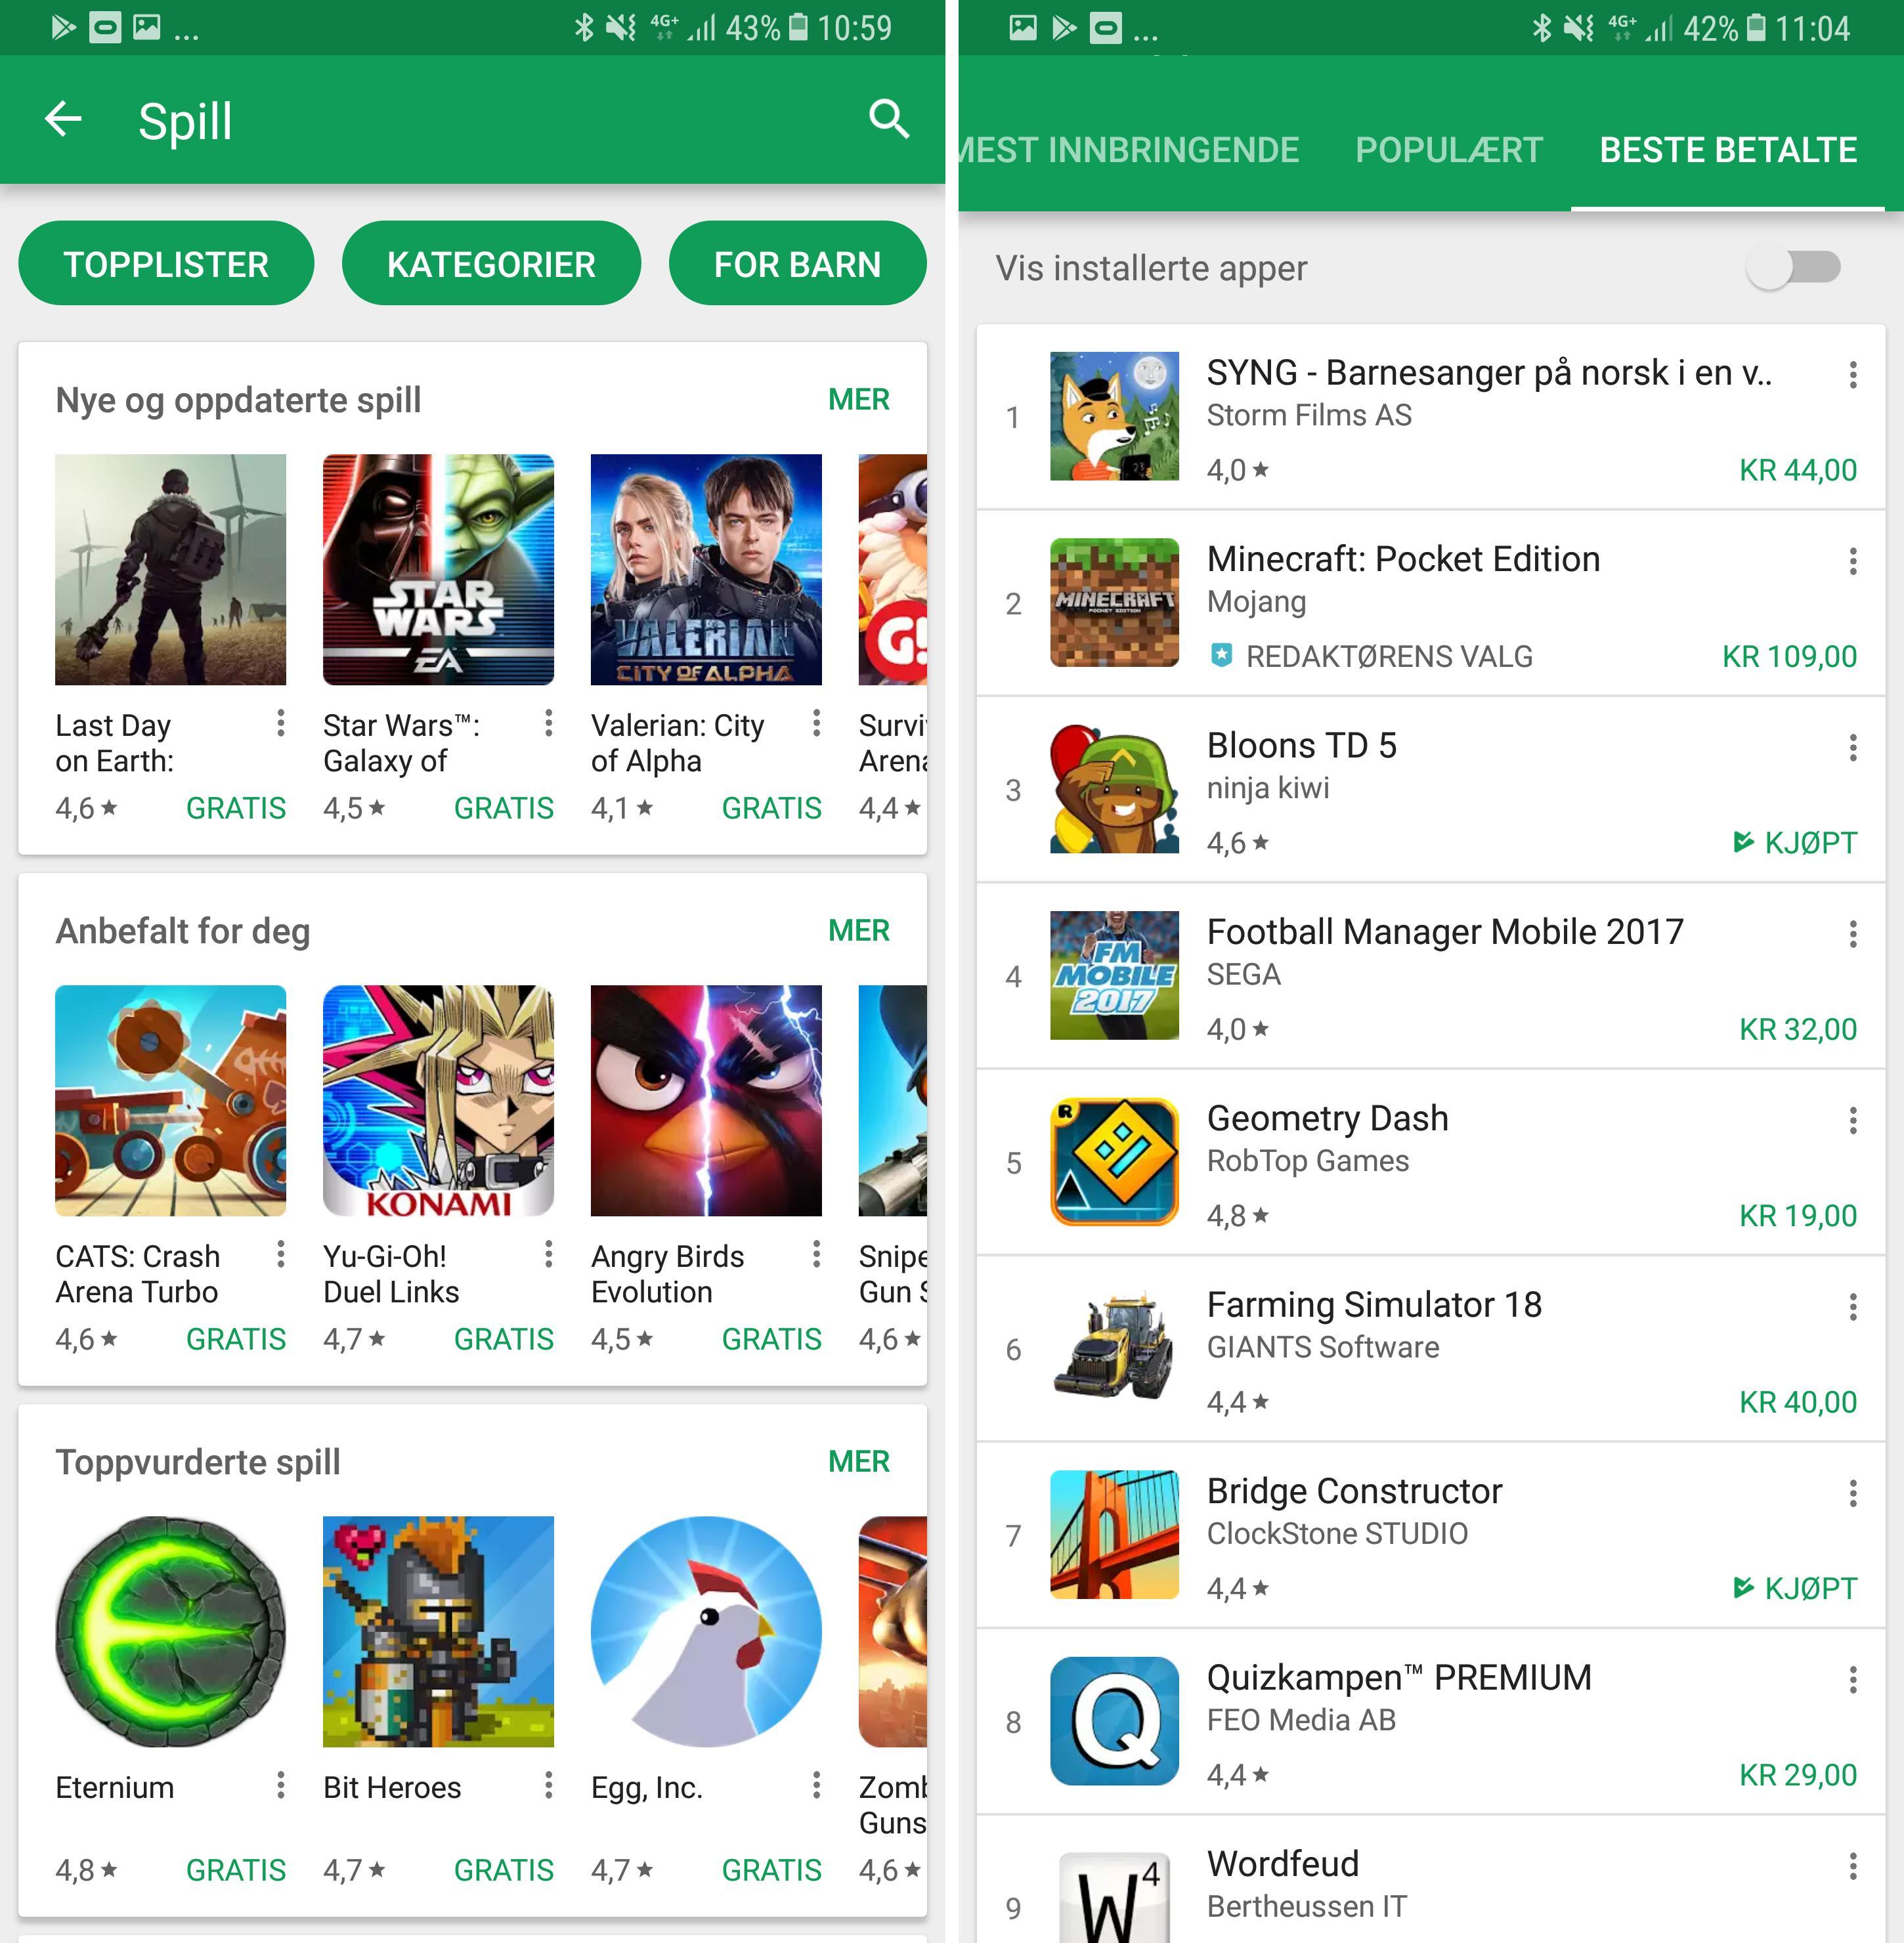 Google Play er stappfull av til dels enkle og dårlige gratistitler, mens det har skjedd minimalt i listen over populære betalte spill de siste årene. Et fotballspill og et lek-og-lær-spill virker å være det eneste som ikke er flere år gammelt i denne listen, som inkluderer klassikere som Wordfeud og Bloons TD.